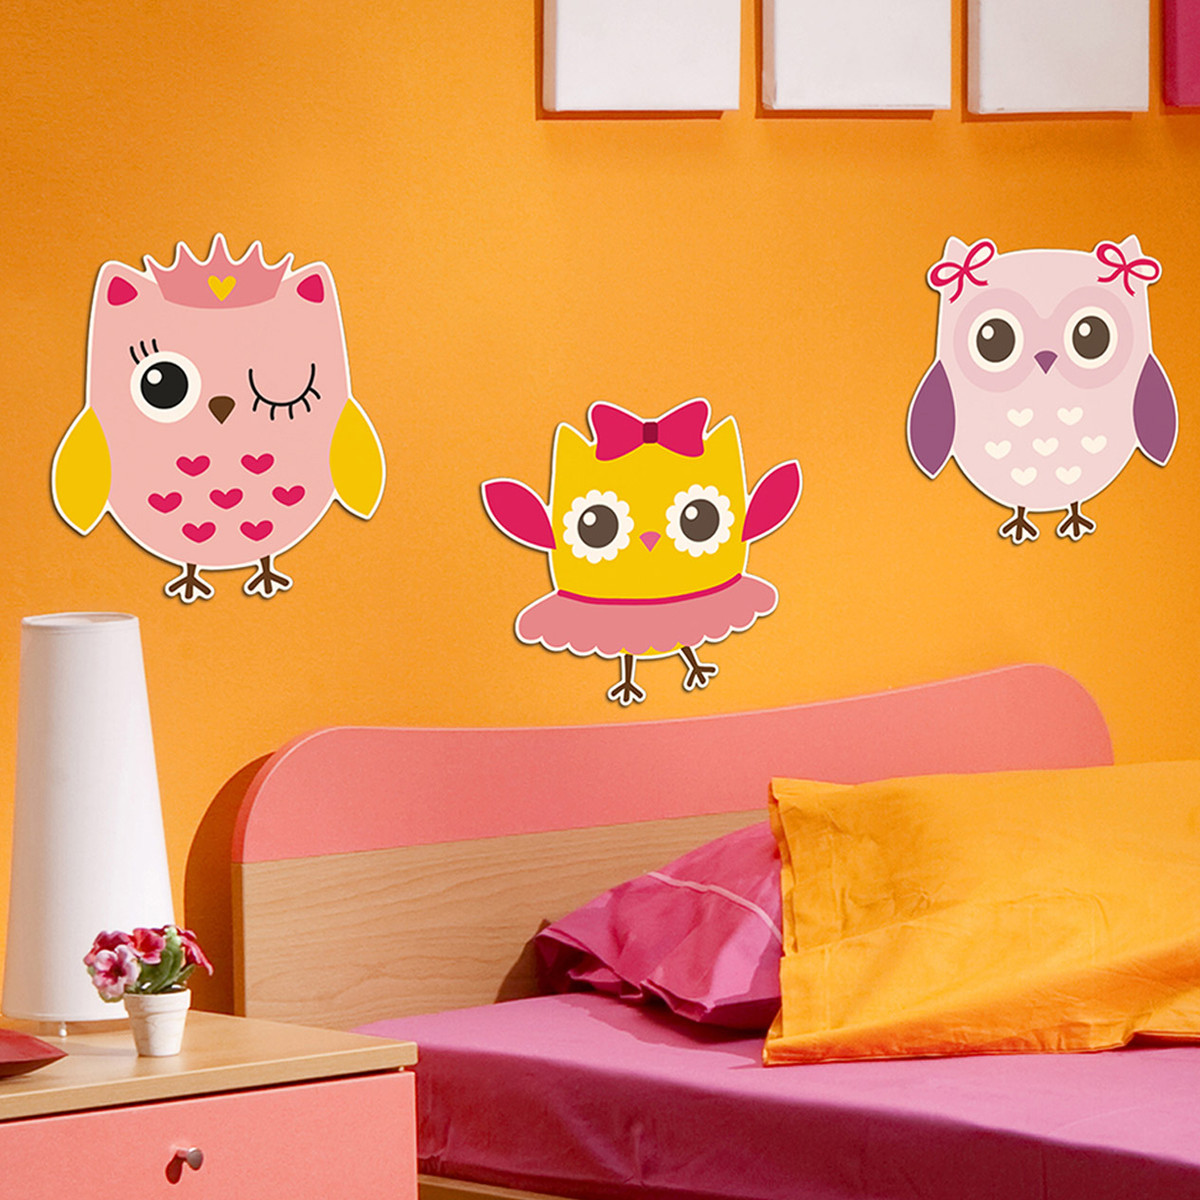 Παιδικά Αφρώδη Αυτοκόλλητα Τοίχου Ango Owls 11209 home   παιδικά   παιδική διακόσμηση